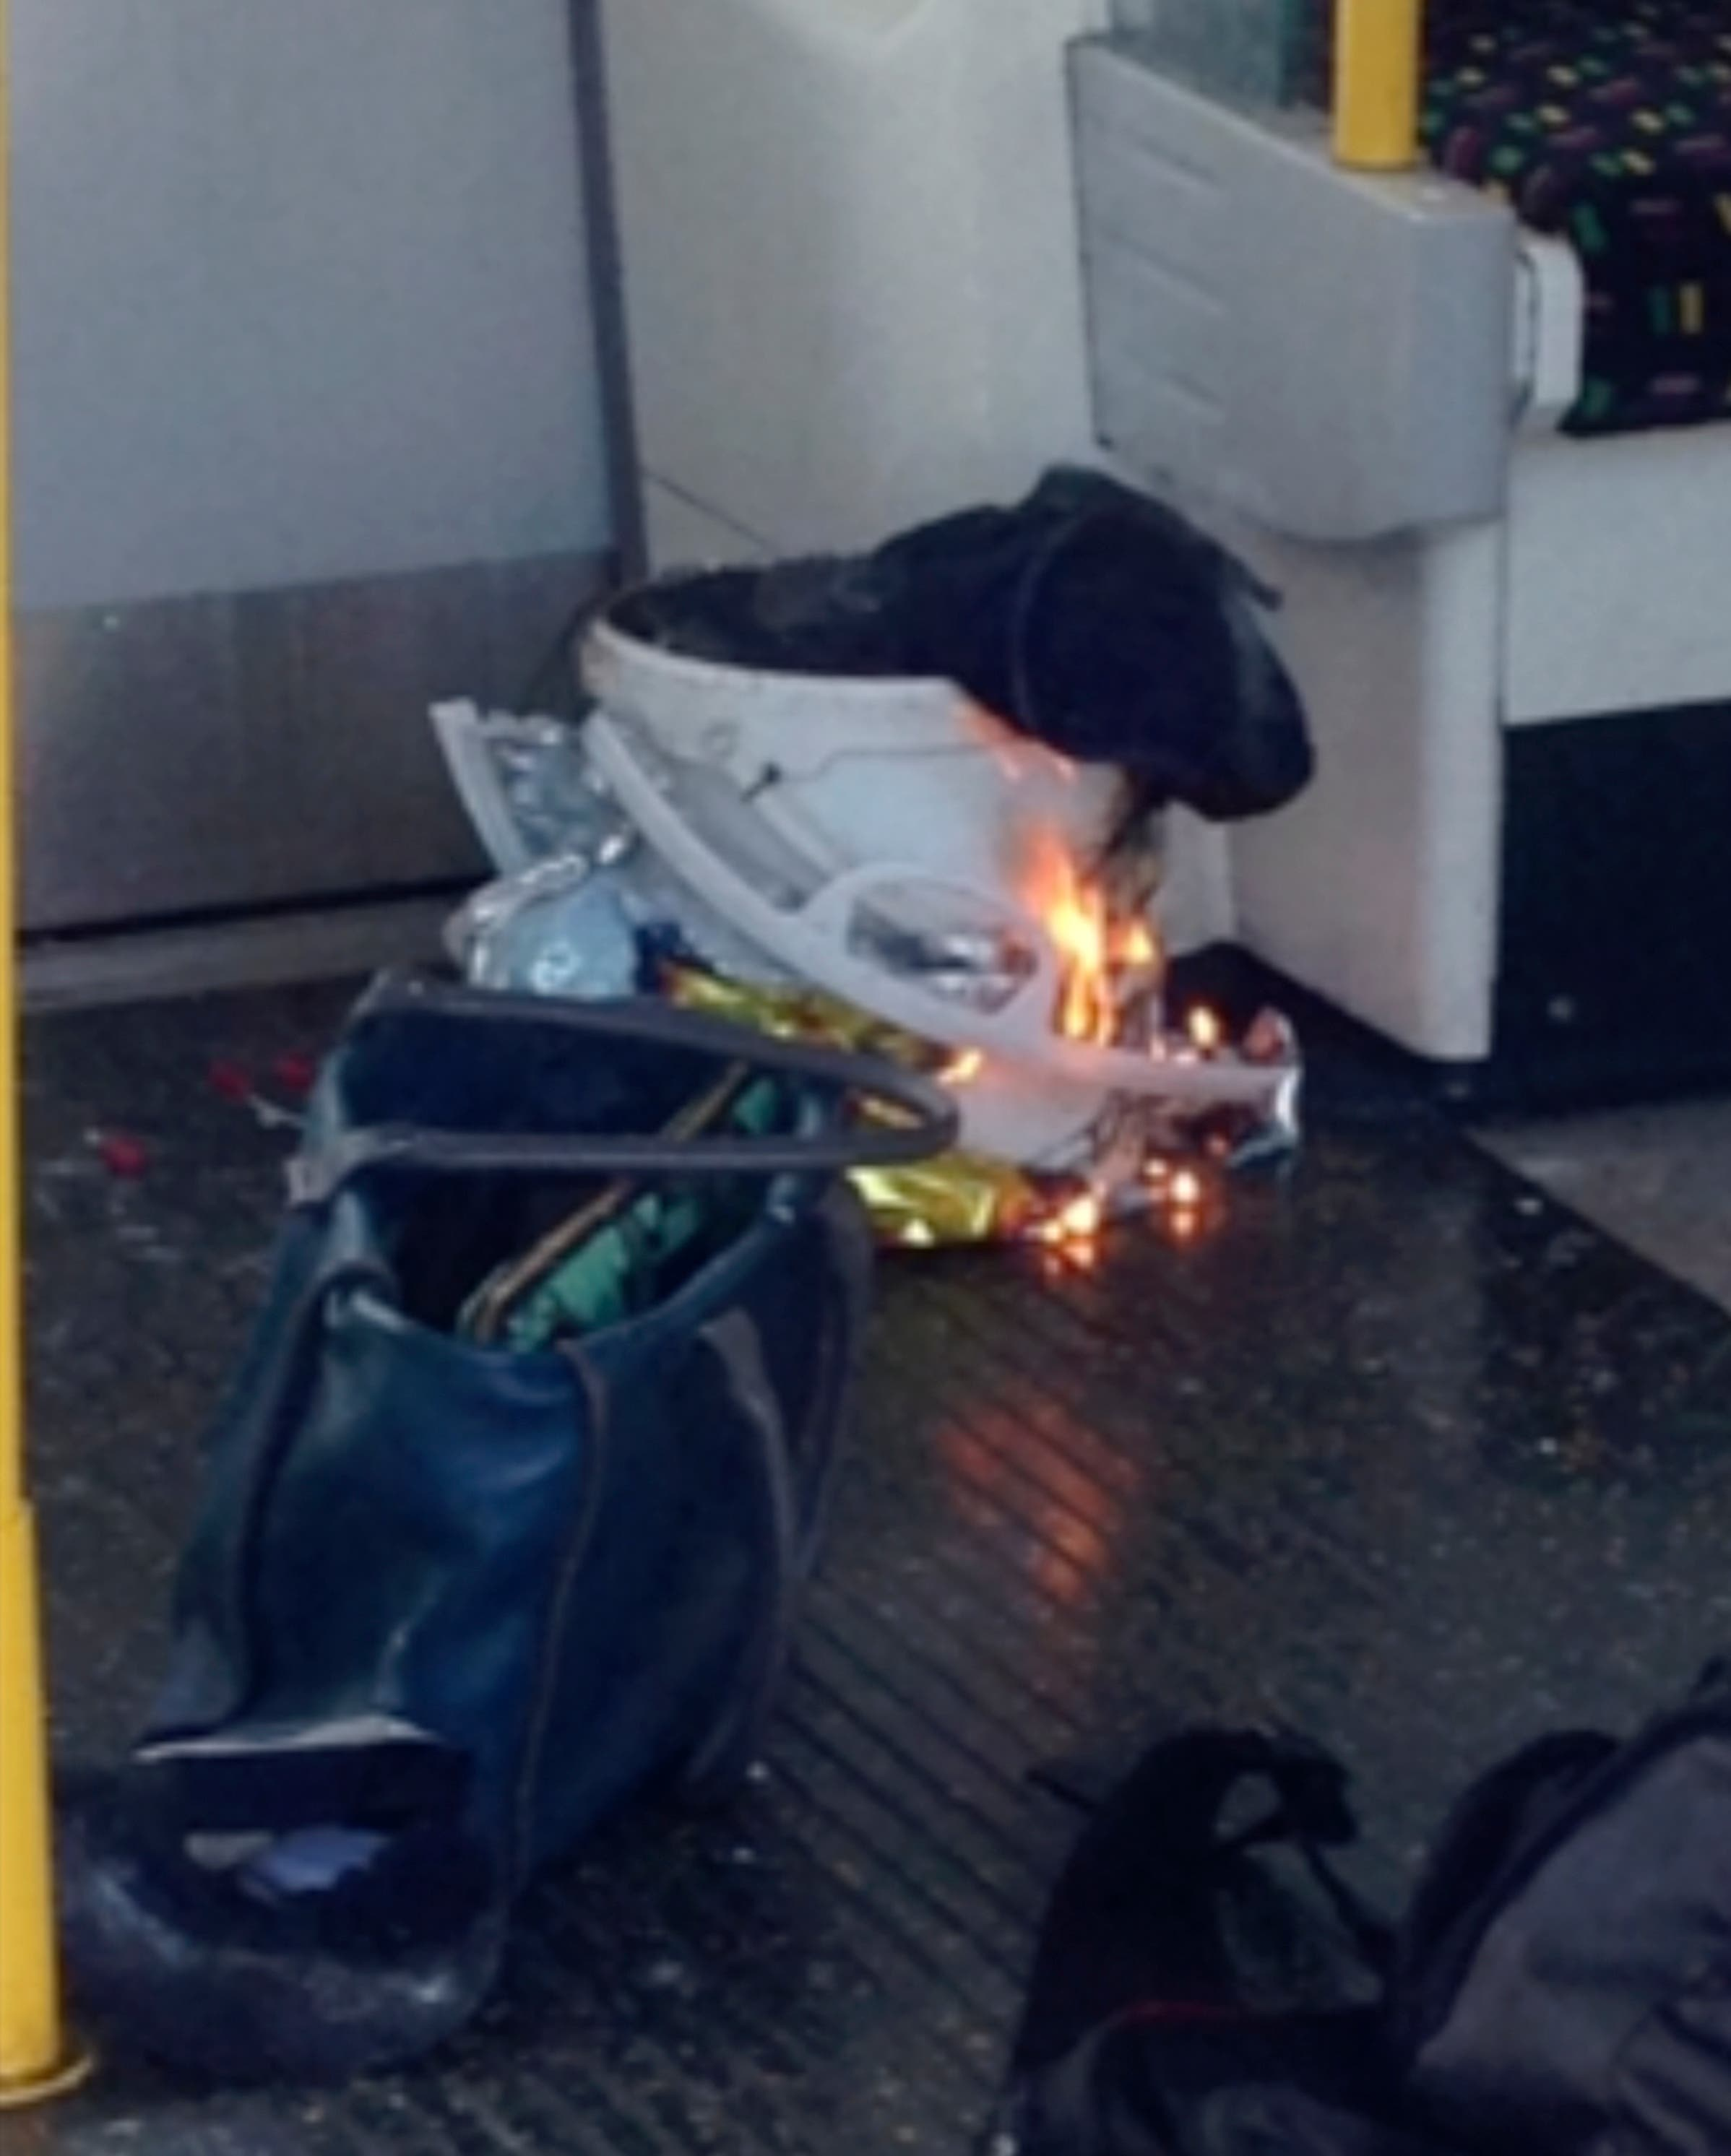 En esta escena tomada de un video, fuego en una estación de metro en el suroeste de Londres, el viernes 15 de septiembre de 2017. (@RRIGS via AP)